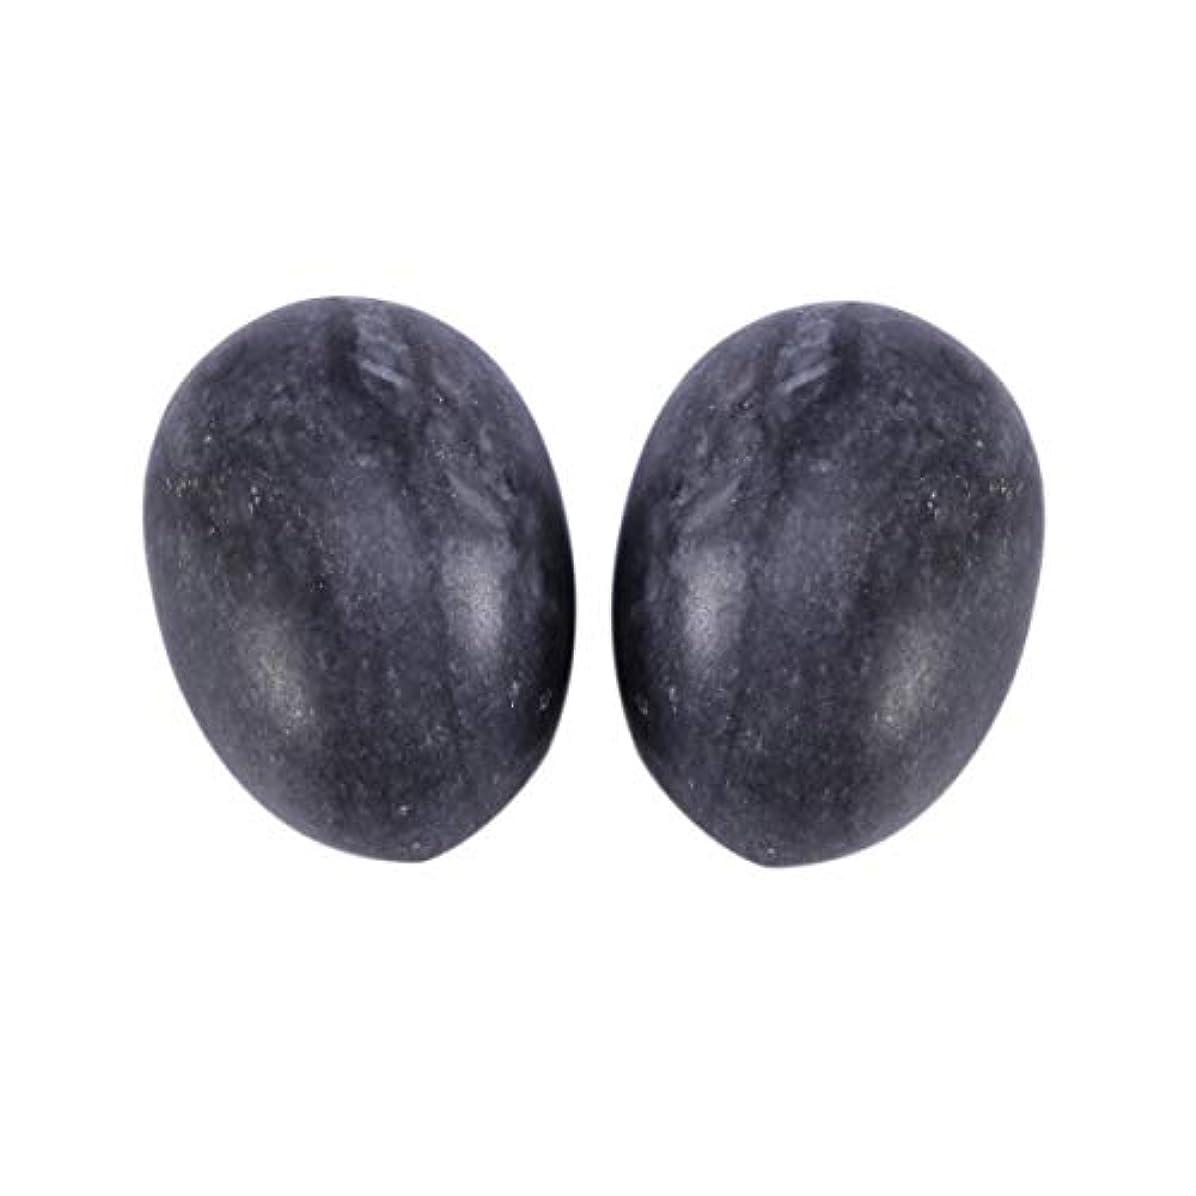 外観力雑種Healifty 妊娠中の女性のためのマッサージボール6個玉ヨードエッグ骨盤底筋マッサージ運動膣締め付けボールヘルスケア(ブラックブルー)